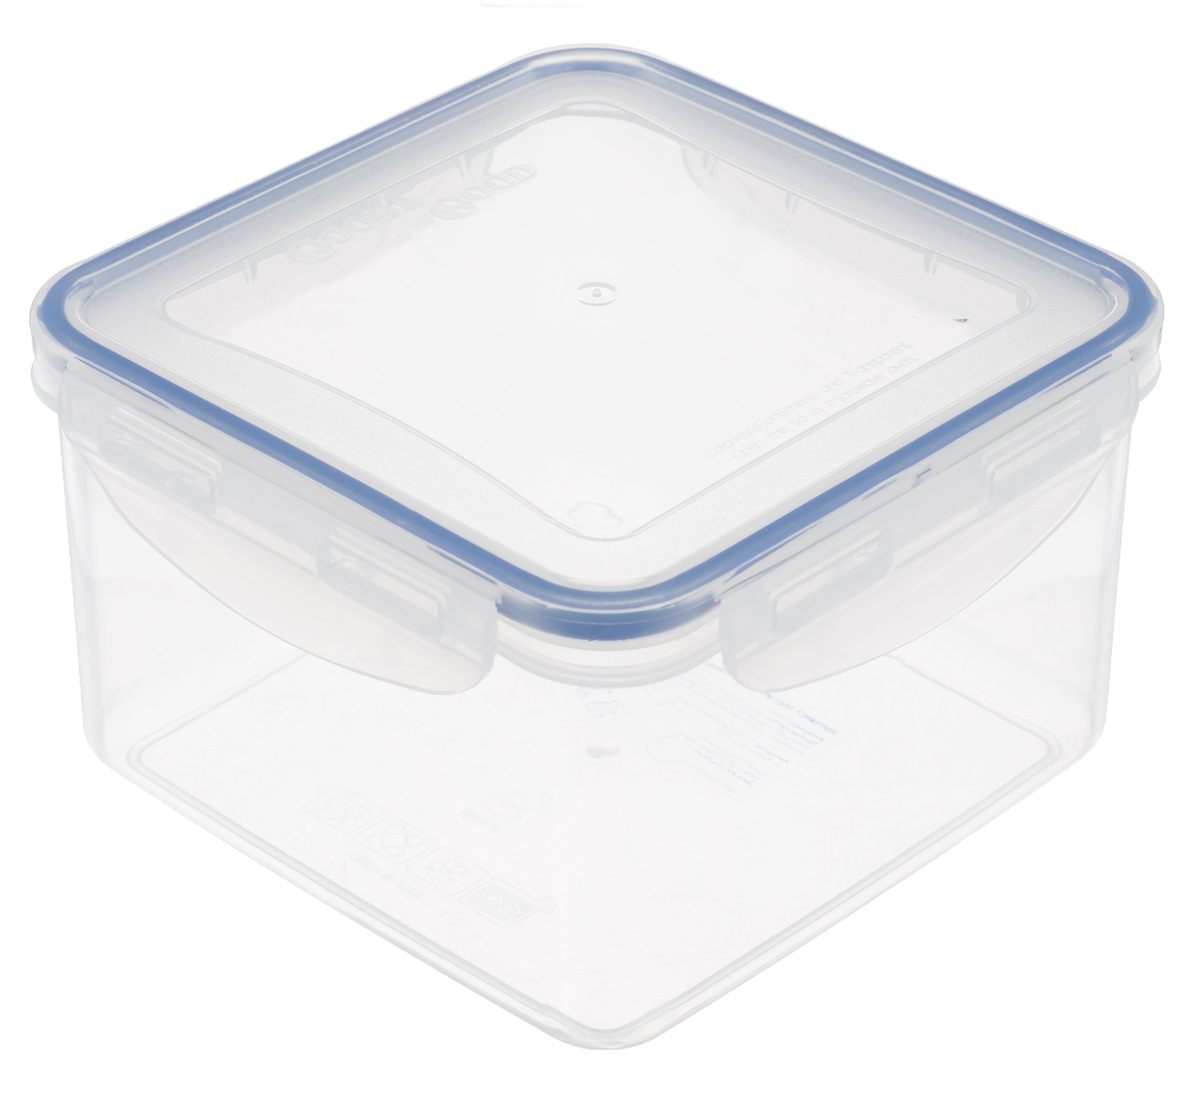 Контейнер Good&Good, цвет: прозрачный, синий, 1,25 лVT-1520(SR)Квадратный контейнер Good&Good изготовлен из высококачественного полипропилена и предназначен для хранения любых пищевых продуктов. Благодаря особым технологиям изготовления, лотки в течении времени службы не меняют цвет и не пропитываются запахами. Крышка с силиконовой вставкой герметично защелкивается специальным механизмом. Контейнер Good&Good удобен для ежедневного использования в быту.Можно мыть в посудомоечной машине.Размер контейнера (с учетом крышки): 15 см х 15 см х 9 см.